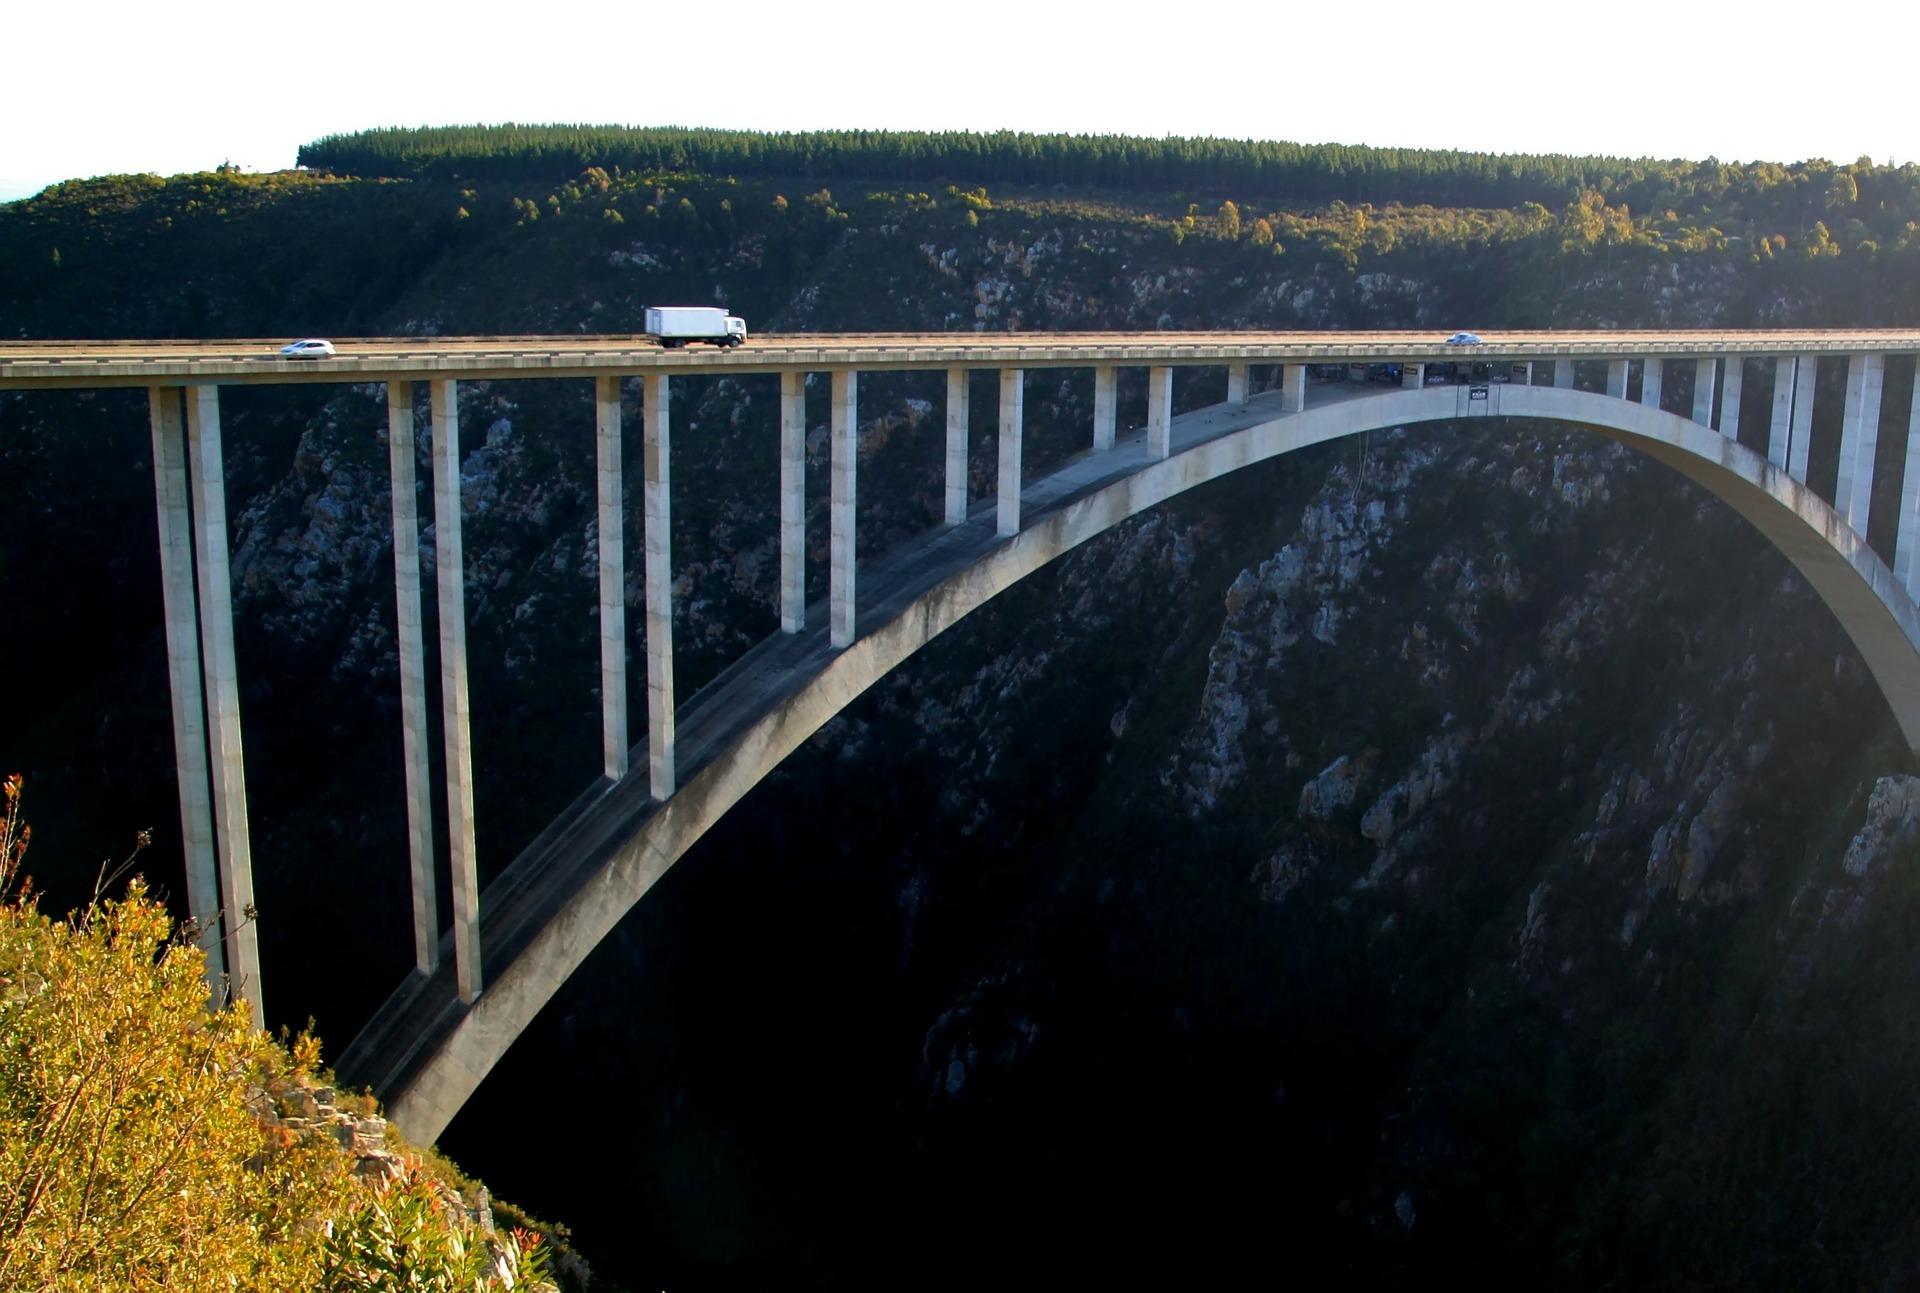 bridge-246063_1920.jpg